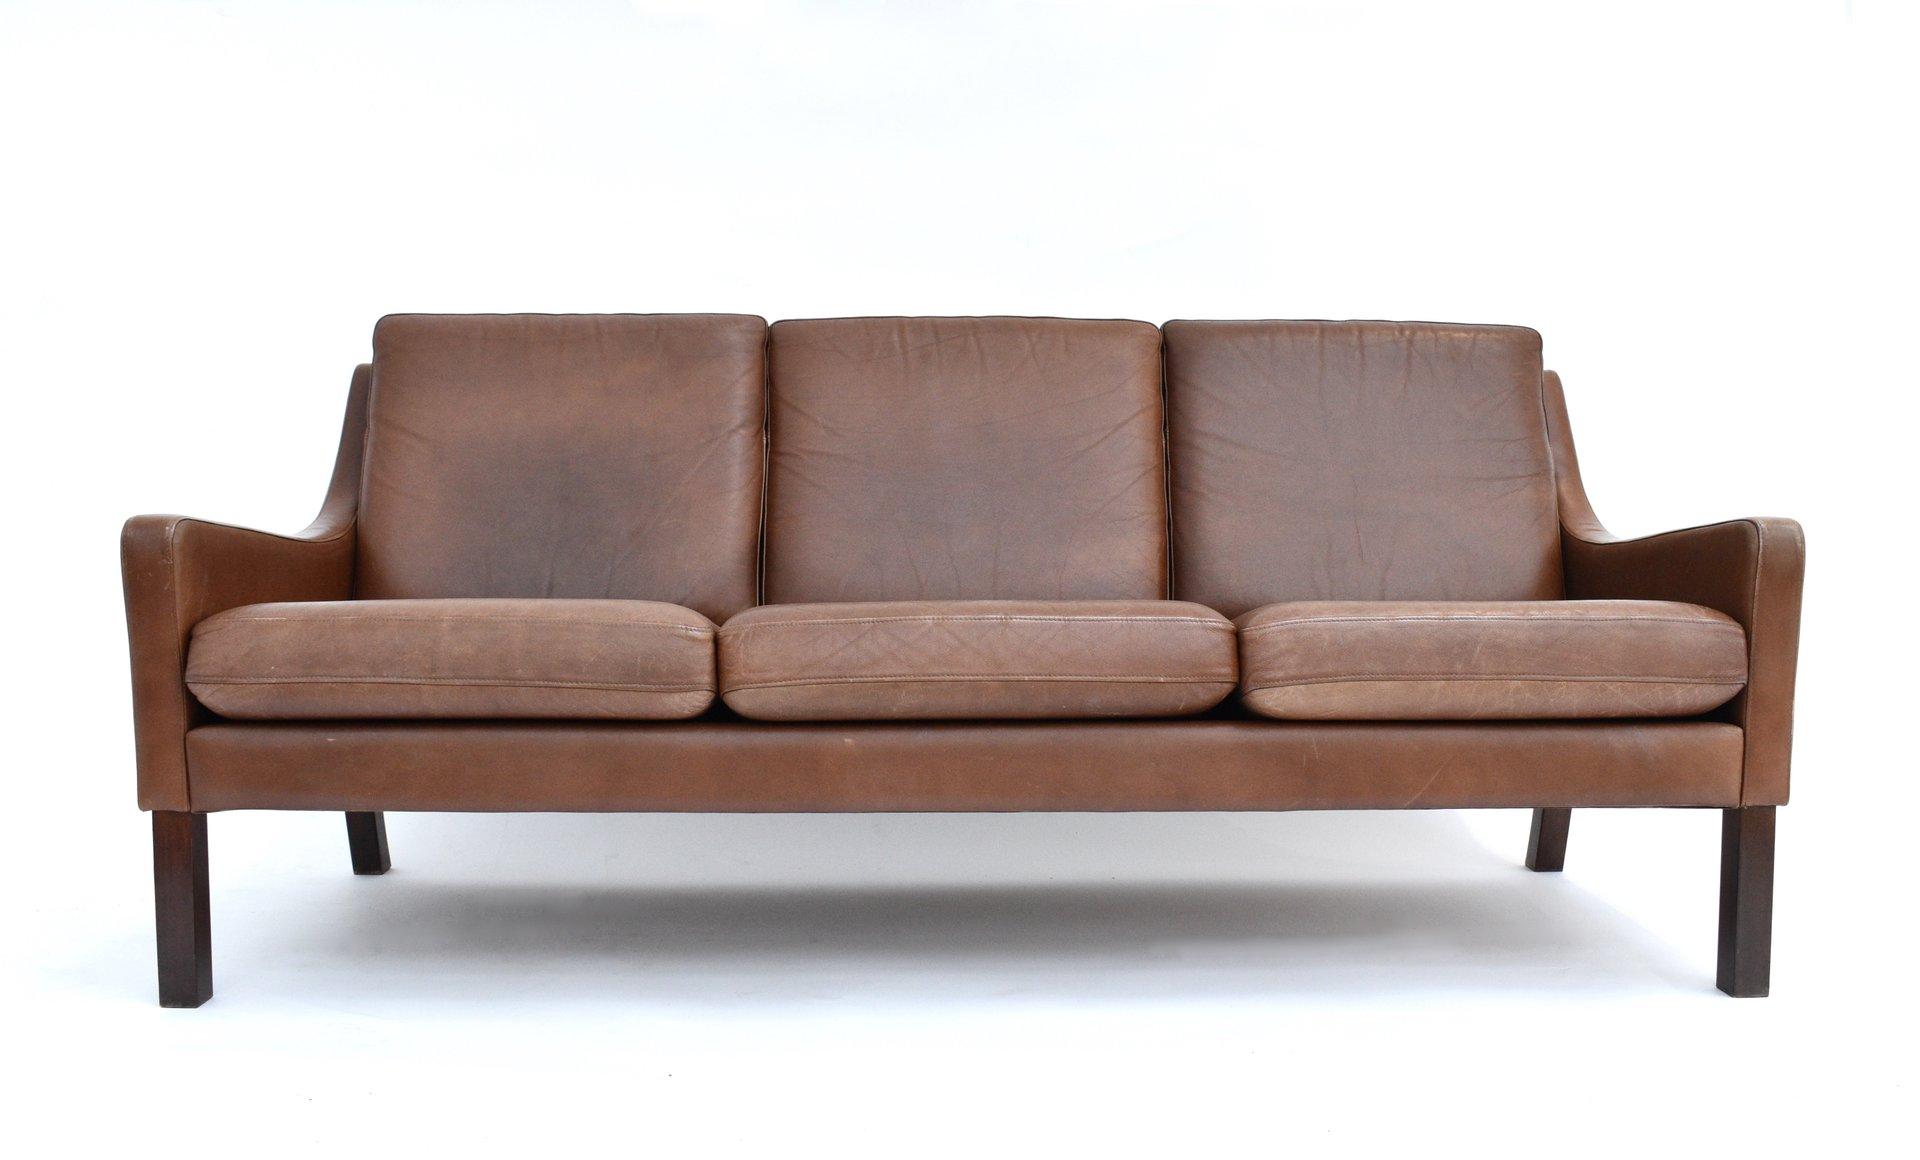 Hellbraunes dänisches 3-Sitzer Sofa aus Leder, 1960er